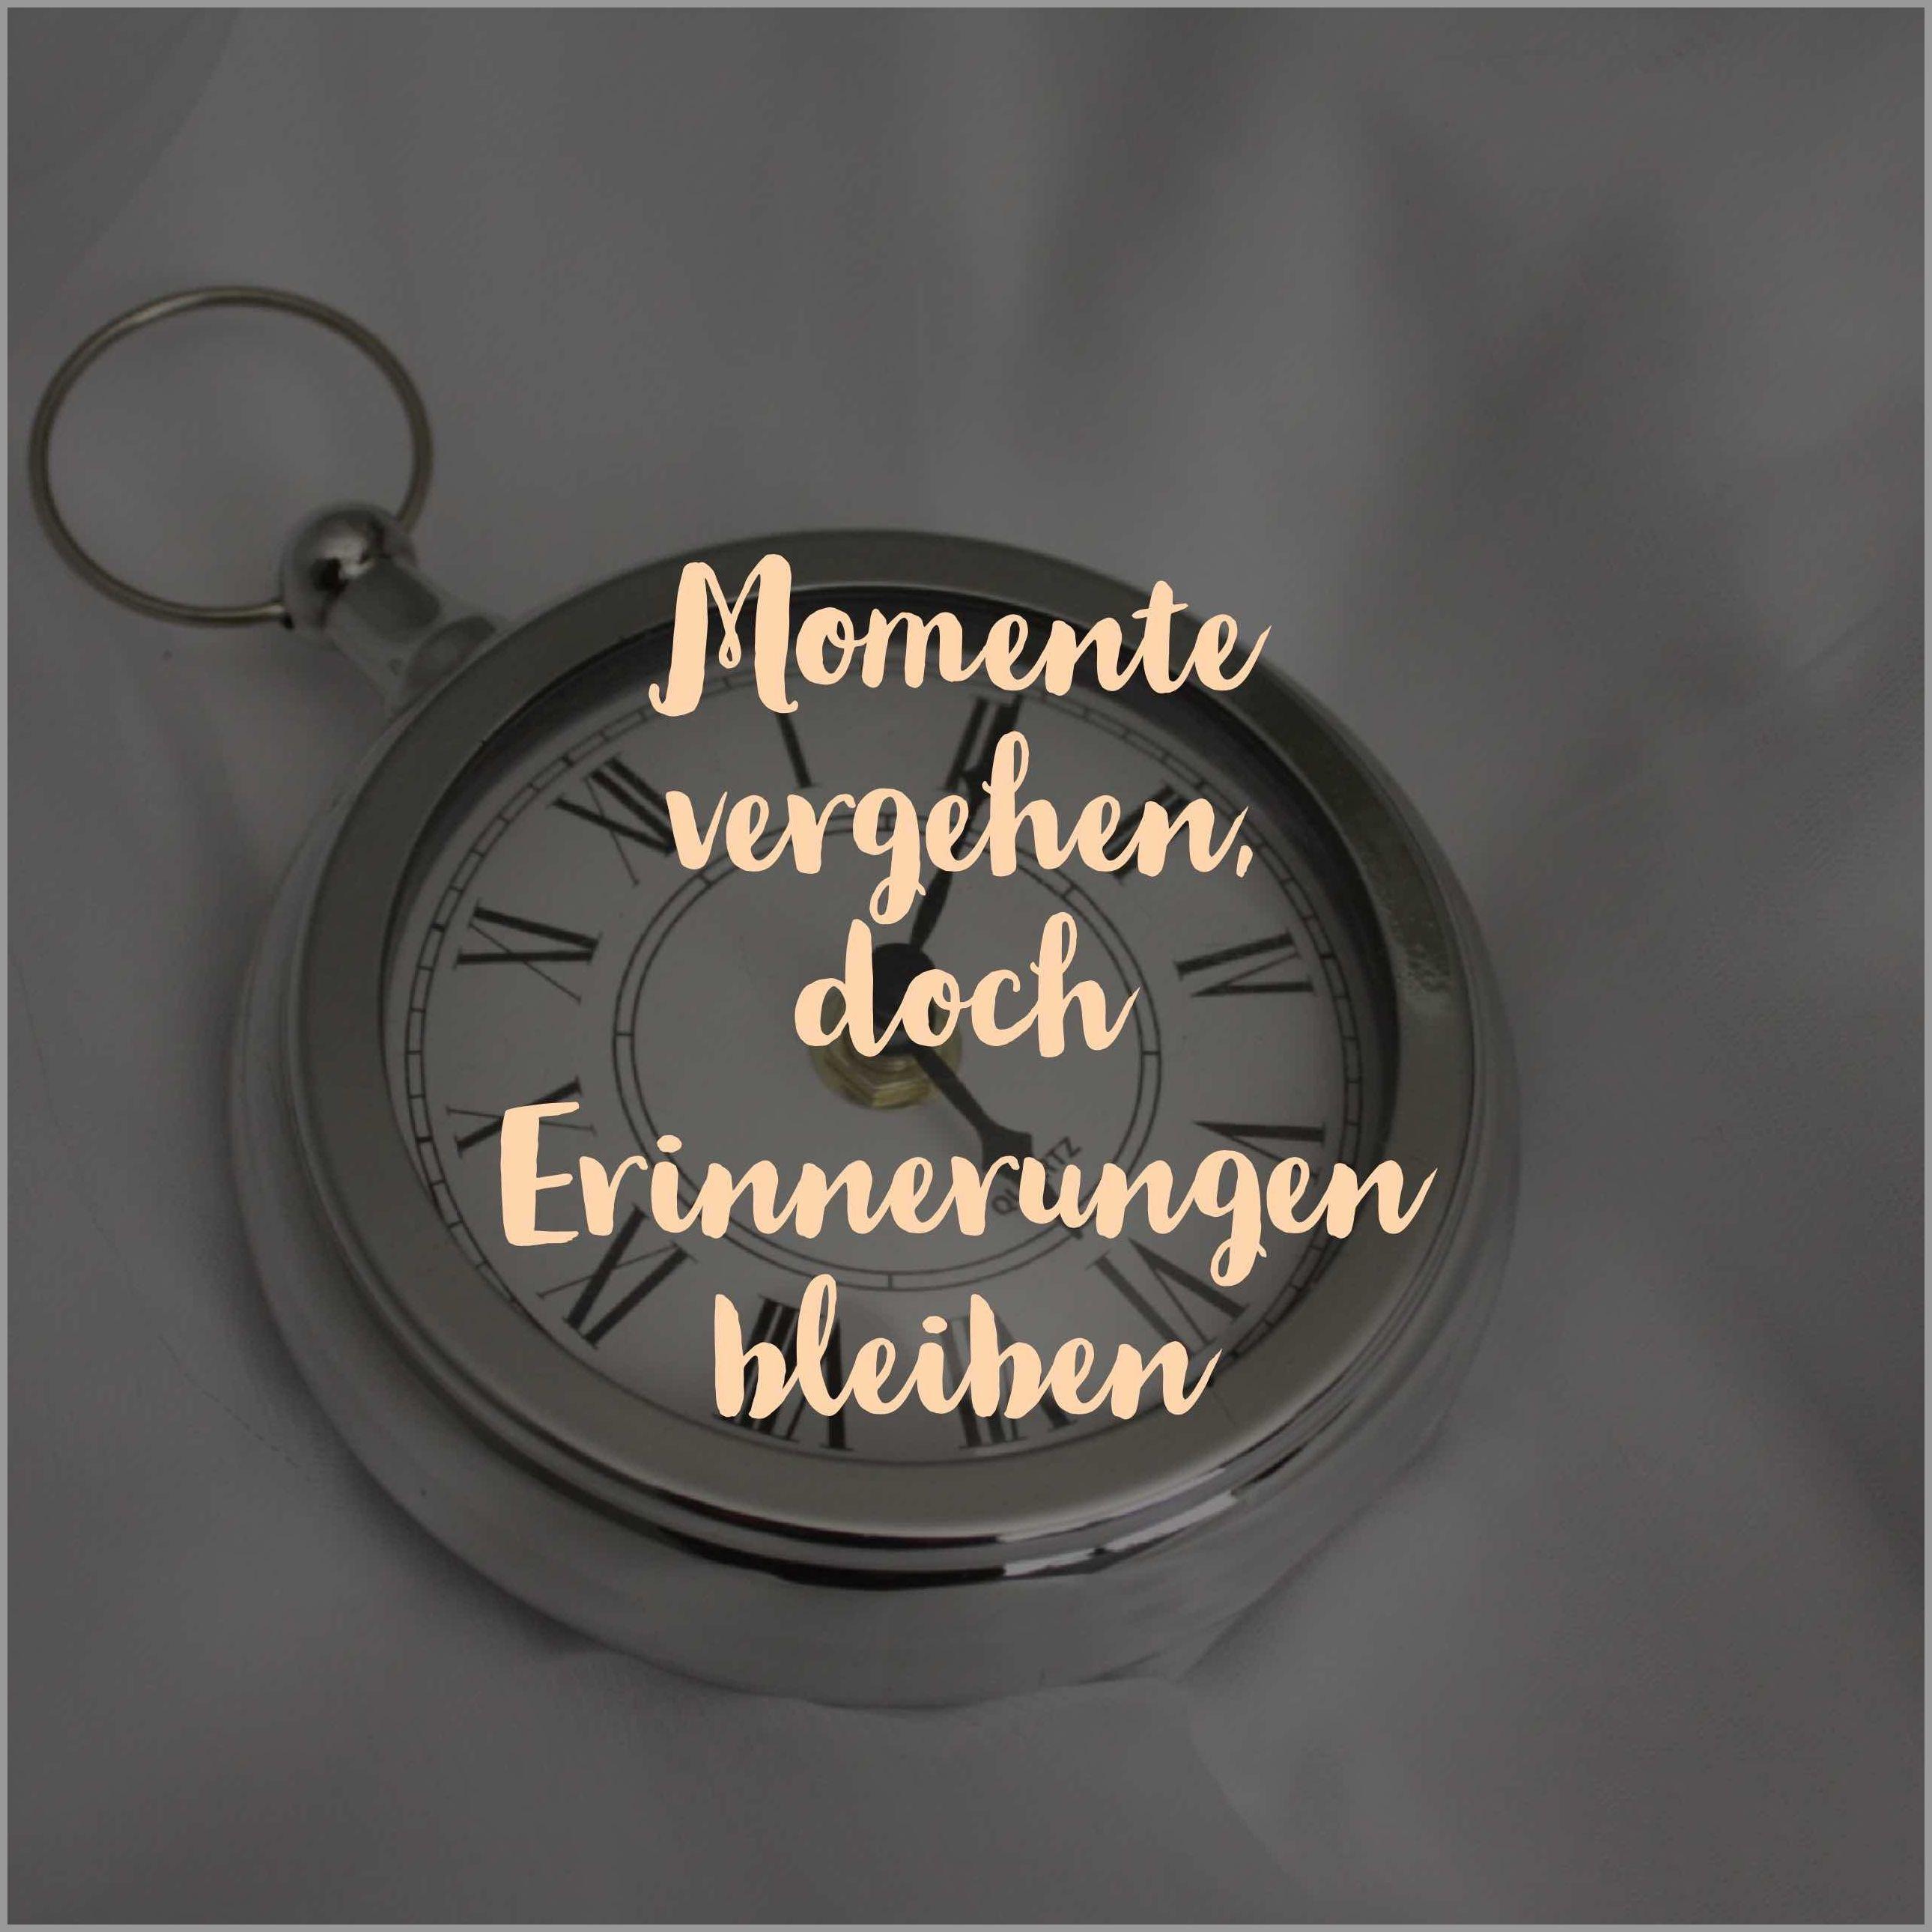 Momente vergehen doch erinnerungen bleiben - Momente vergehen doch erinnerungen bleiben